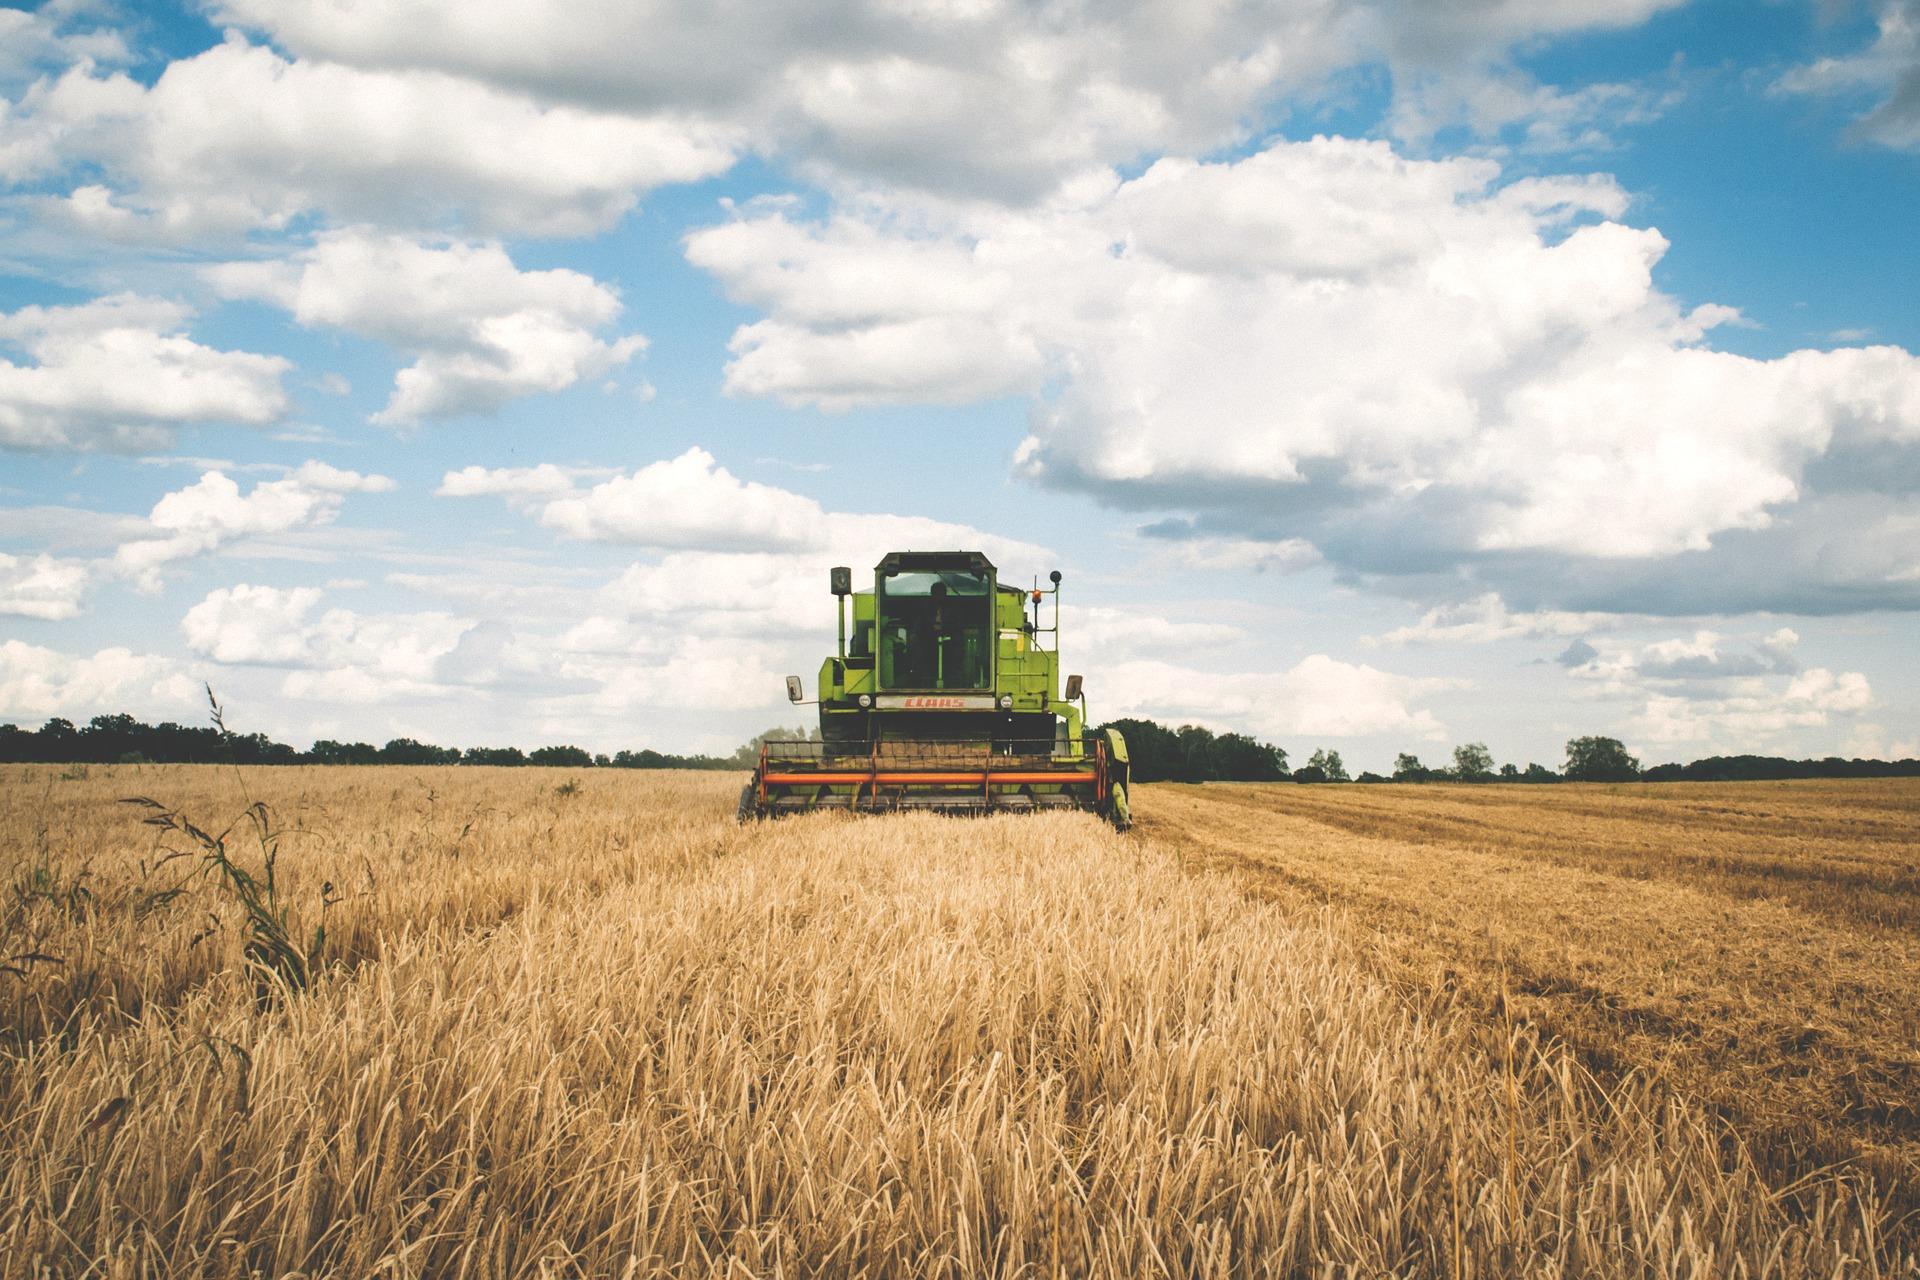 récolte-céréale-biologique prévenir les insectes dan le bio Active bio-négociant en céréale biologique